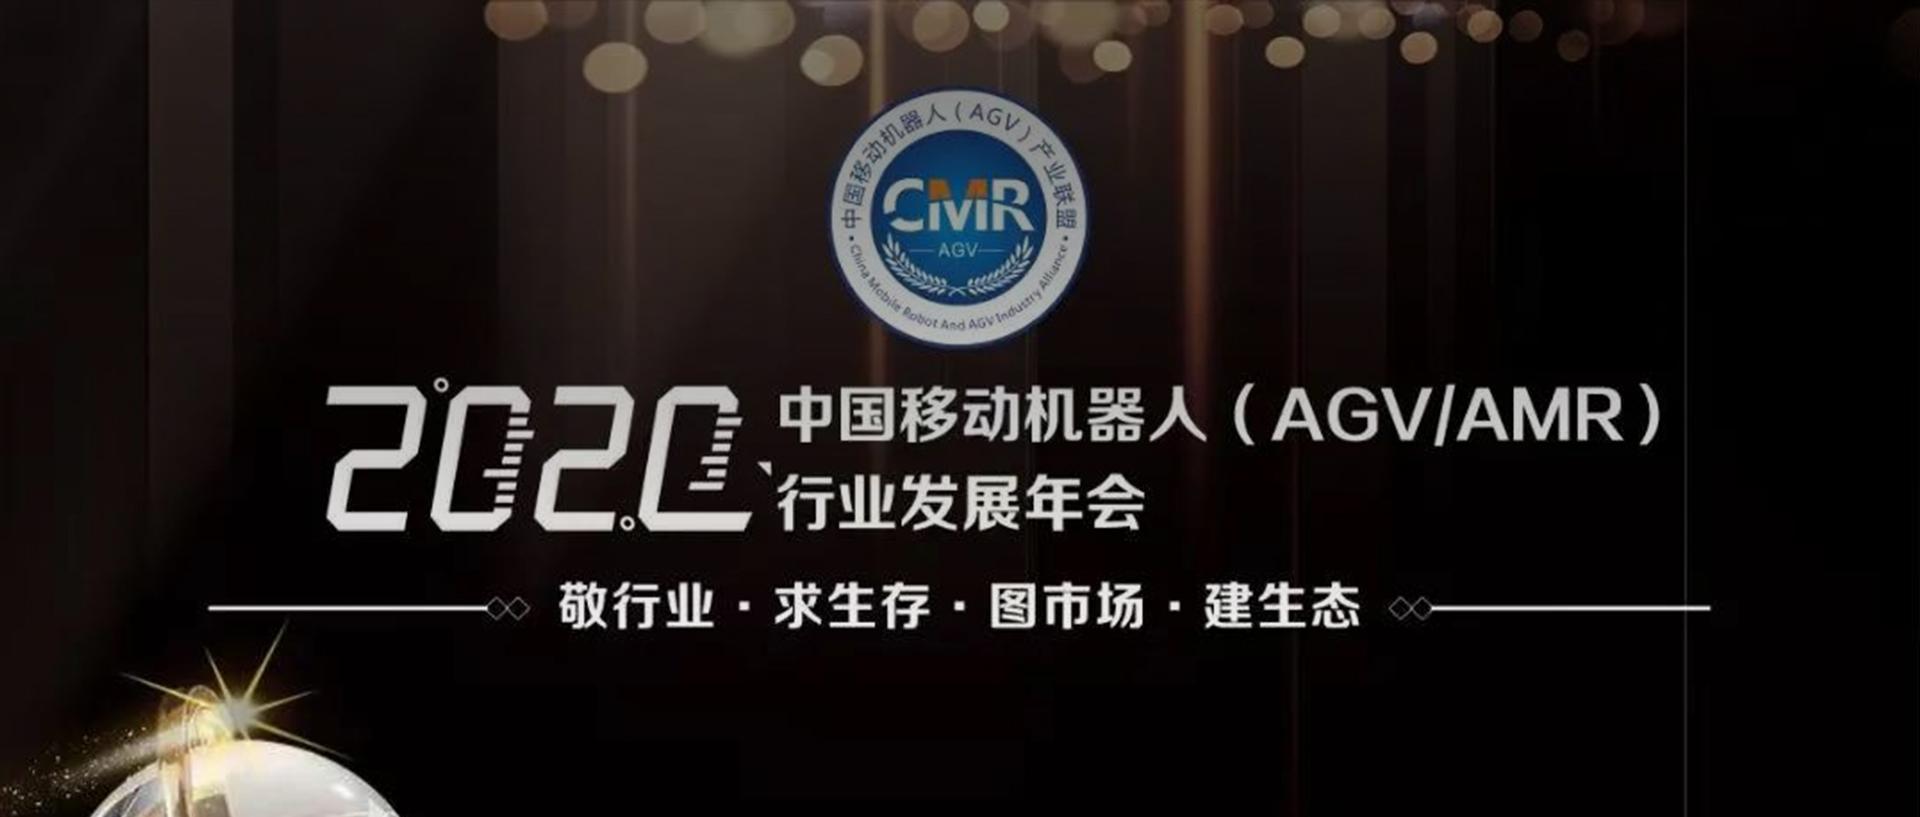 宾通智能受邀出席2020中国移动机器人(AGV/AMR)行业发展年会,迸发制造新势能